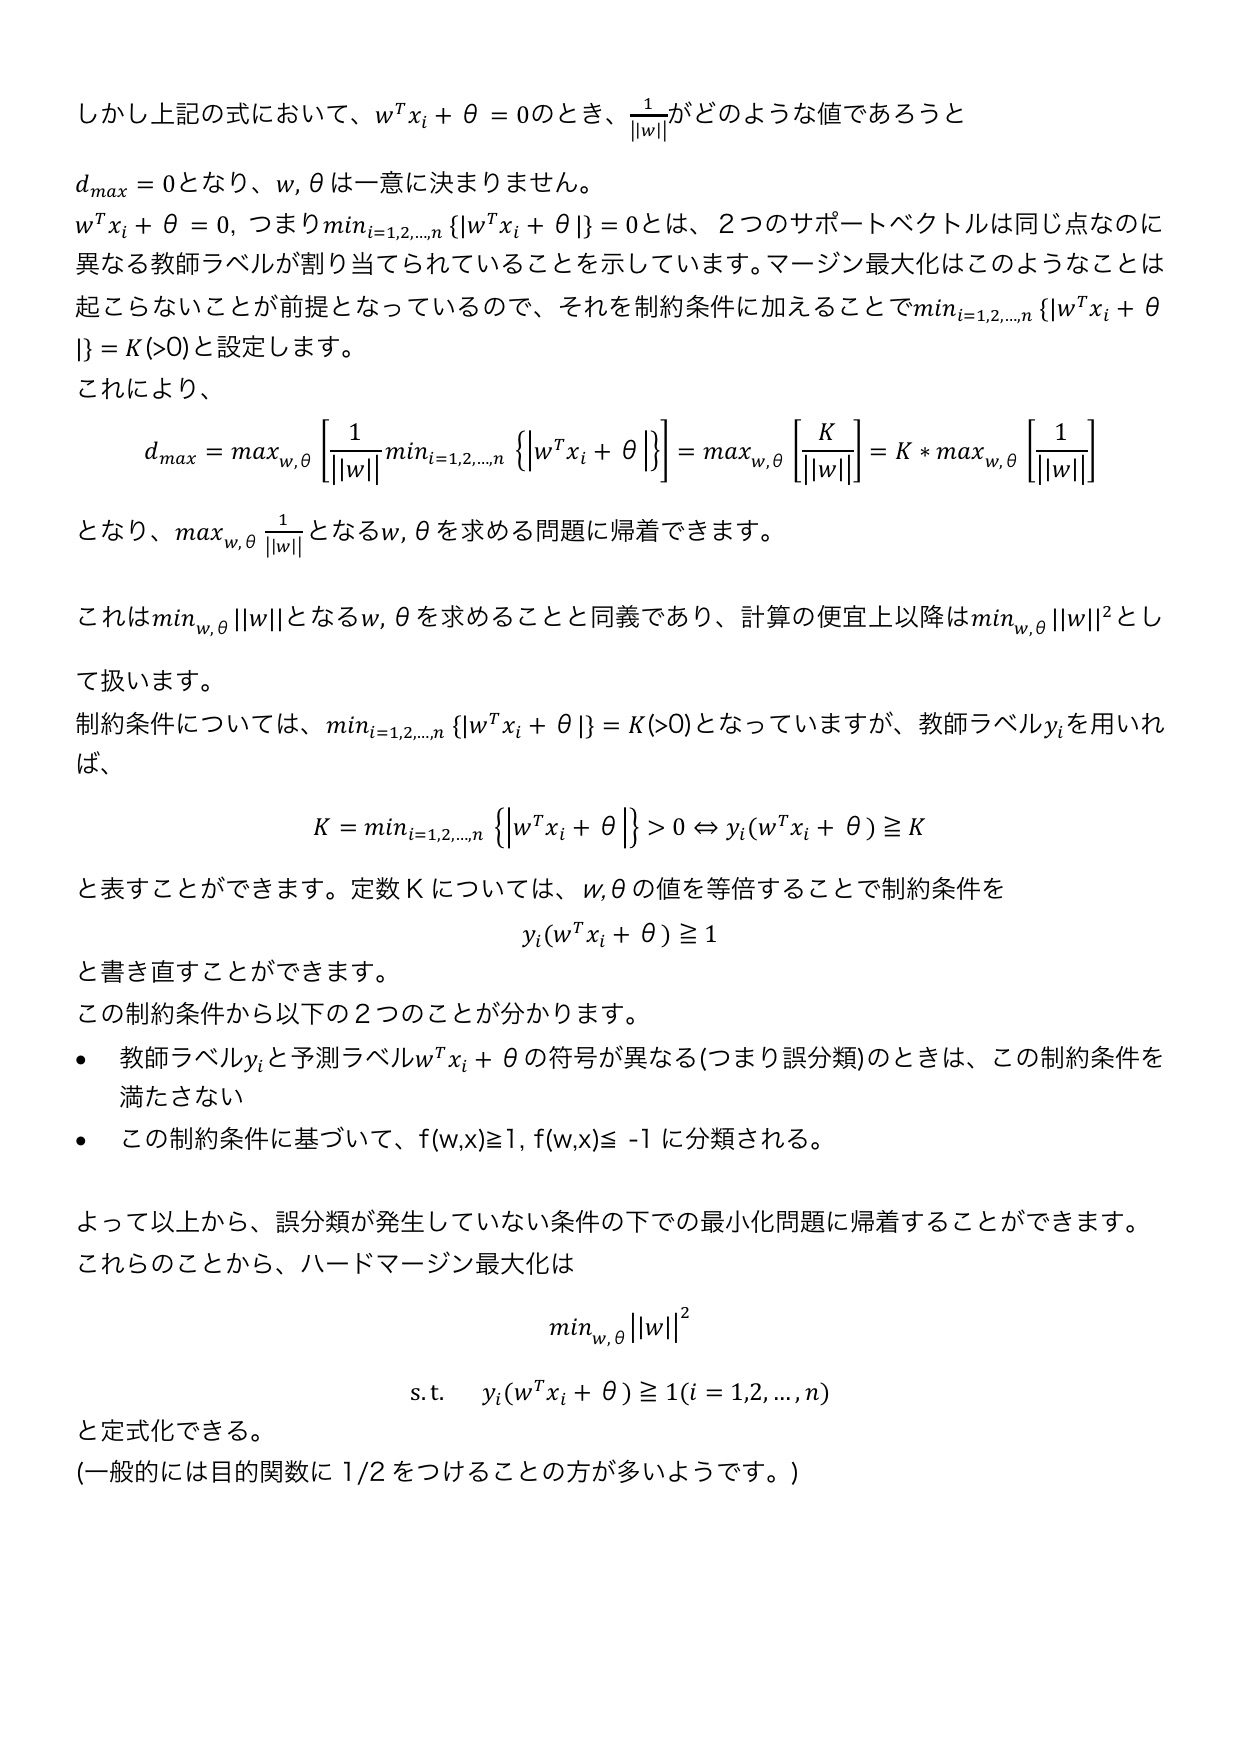 ハードマージン最大化.jpg